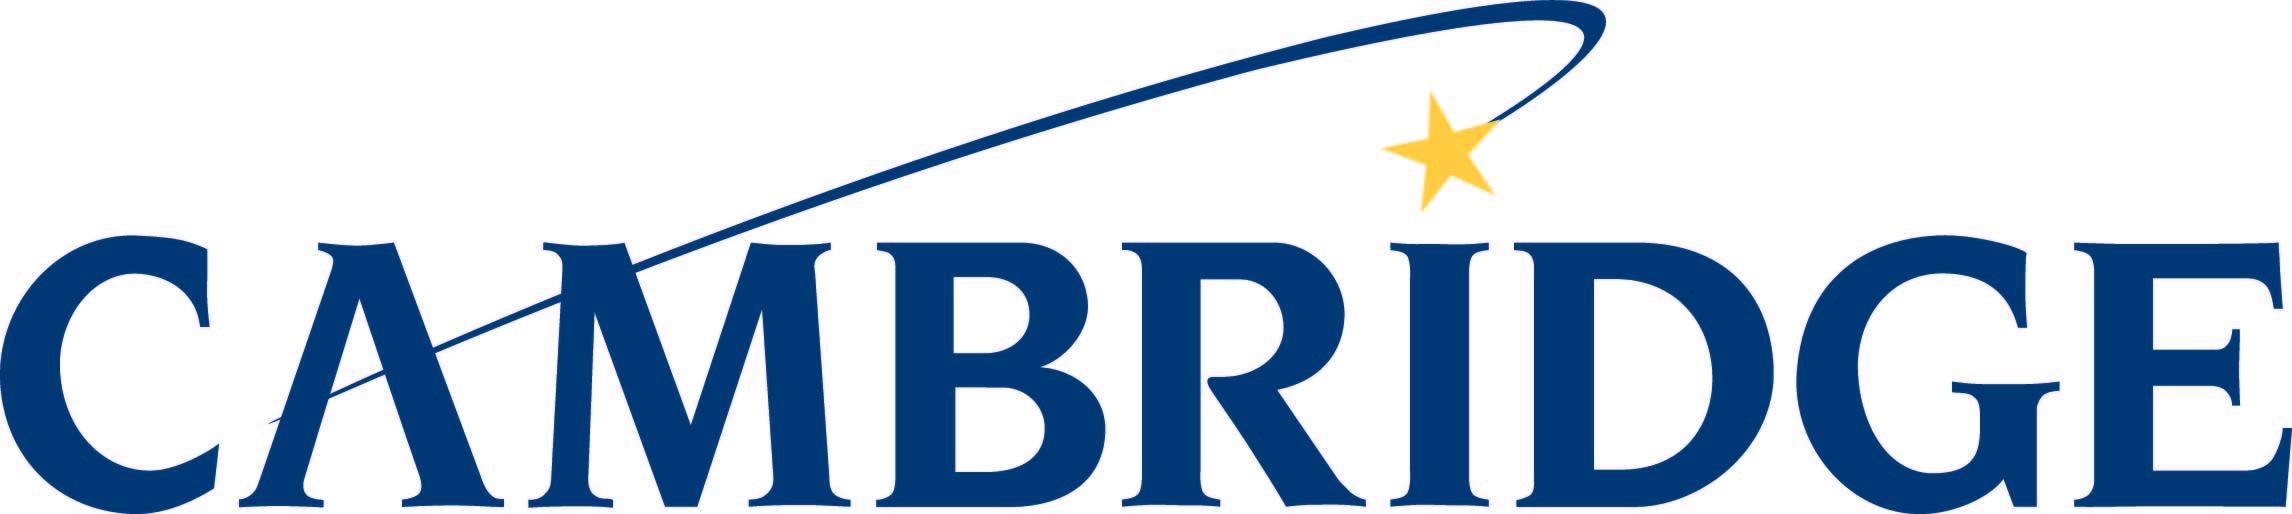 full logo _blue.jpg